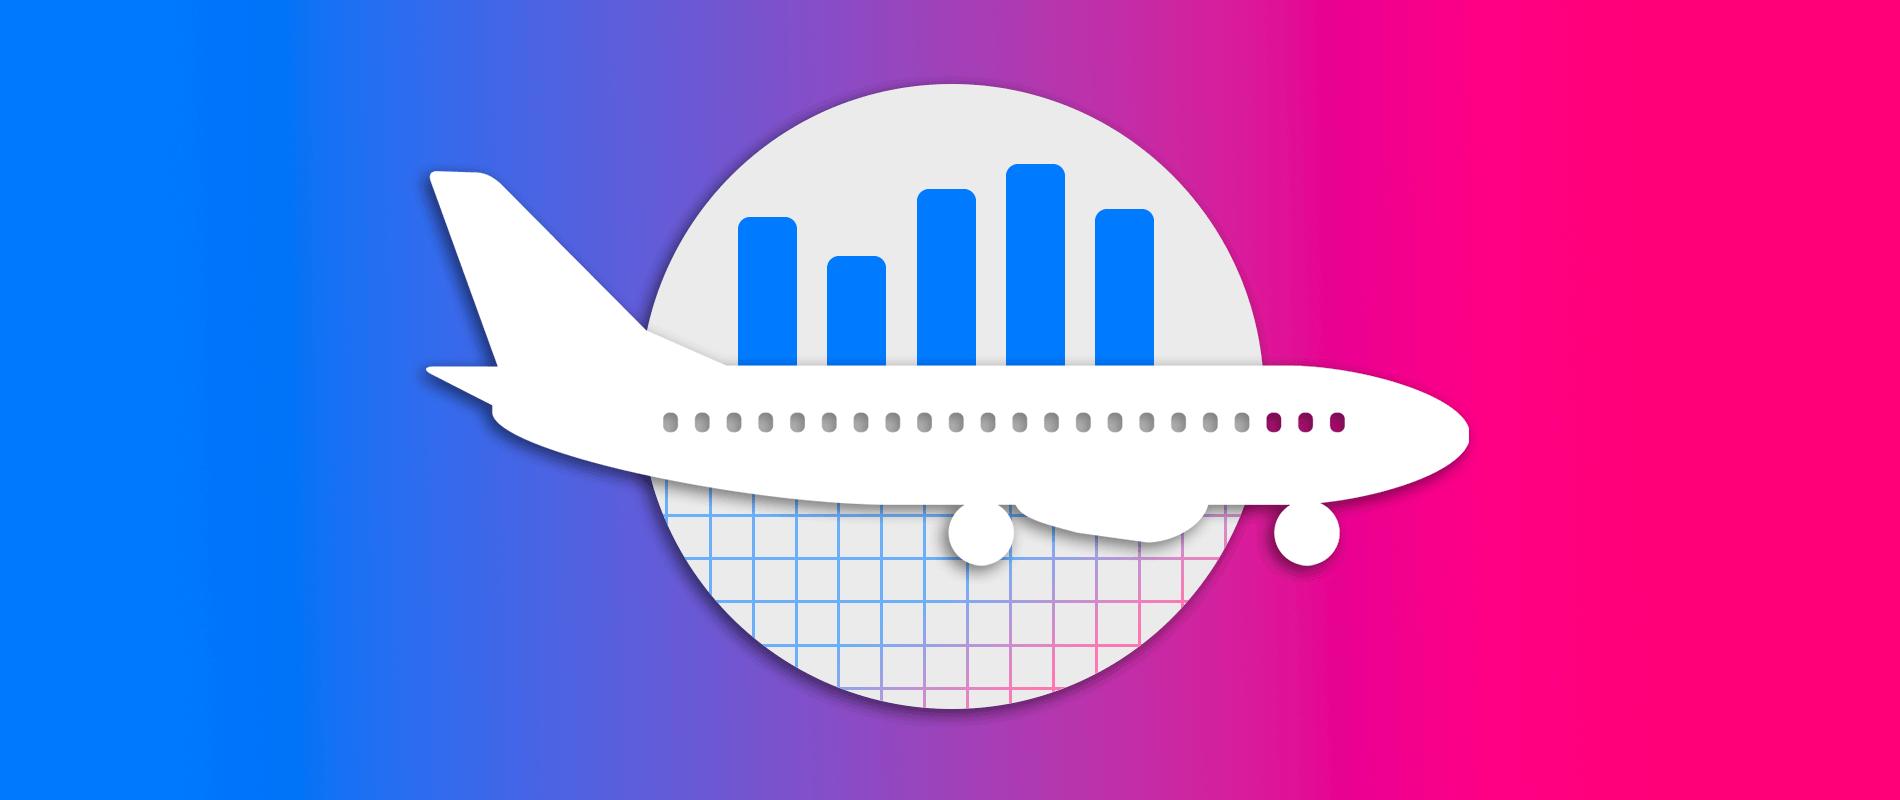 Existe t-il encore un pic d'activité dans le secteur du voyage ?